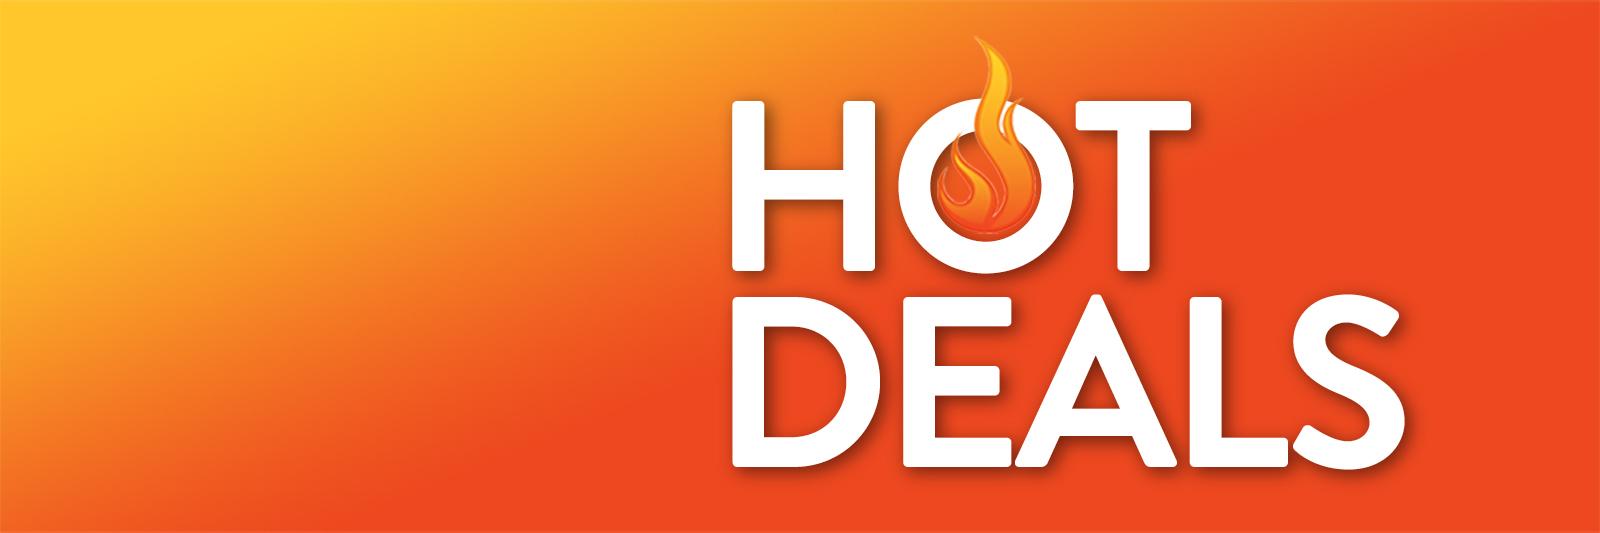 HotDeals(1).jpg